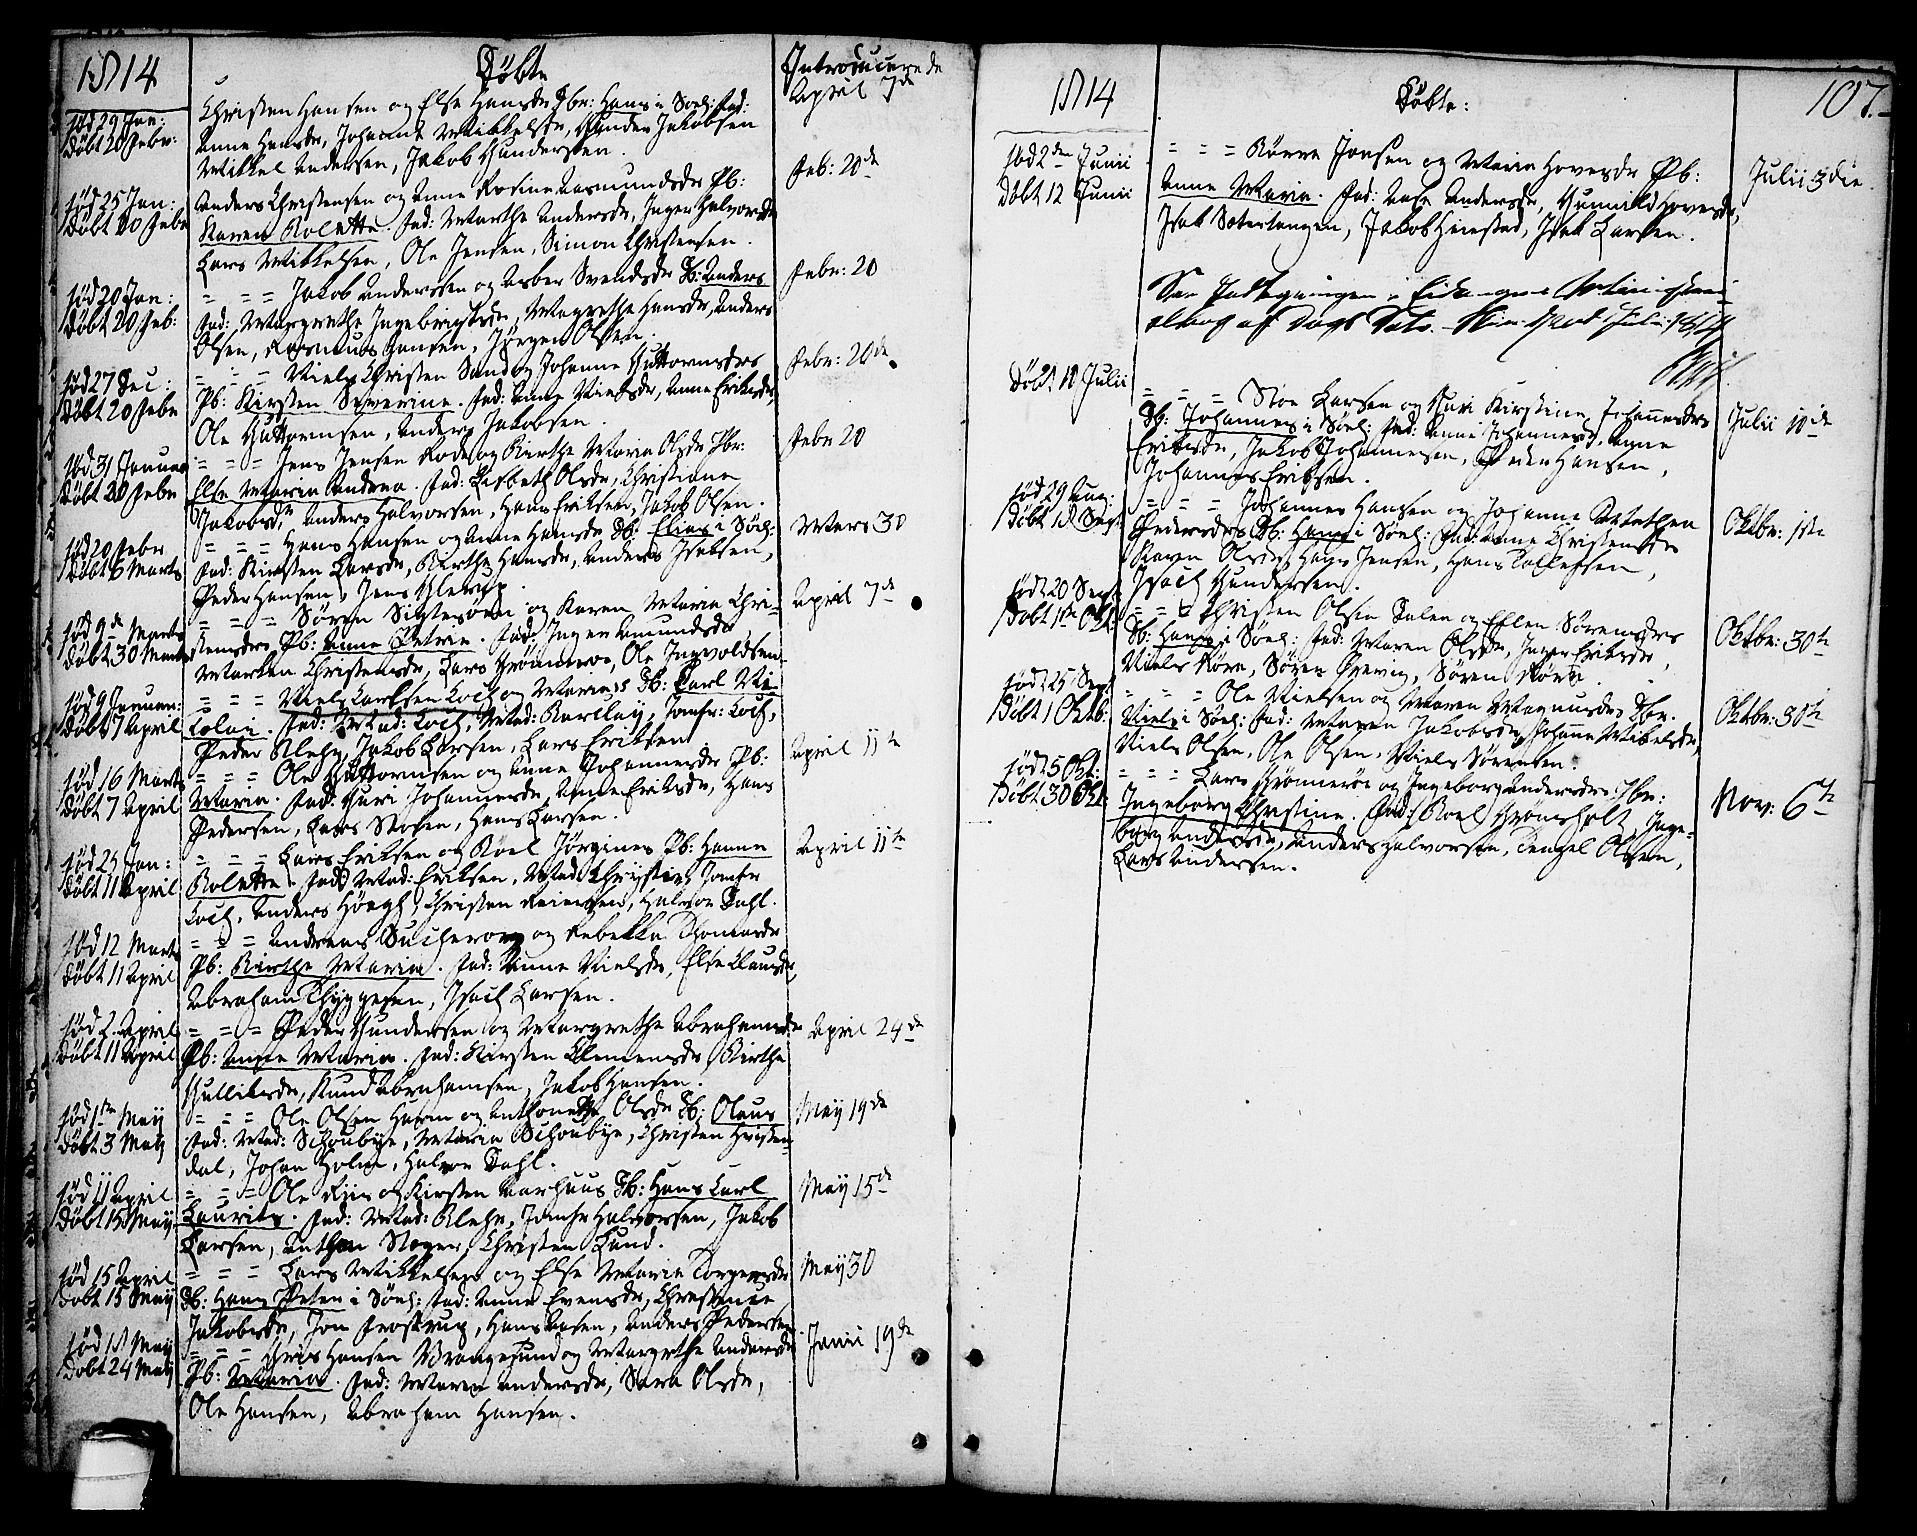 SAKO, Brevik kirkebøker, F/Fa/L0003: Ministerialbok nr. 3, 1764-1814, s. 107